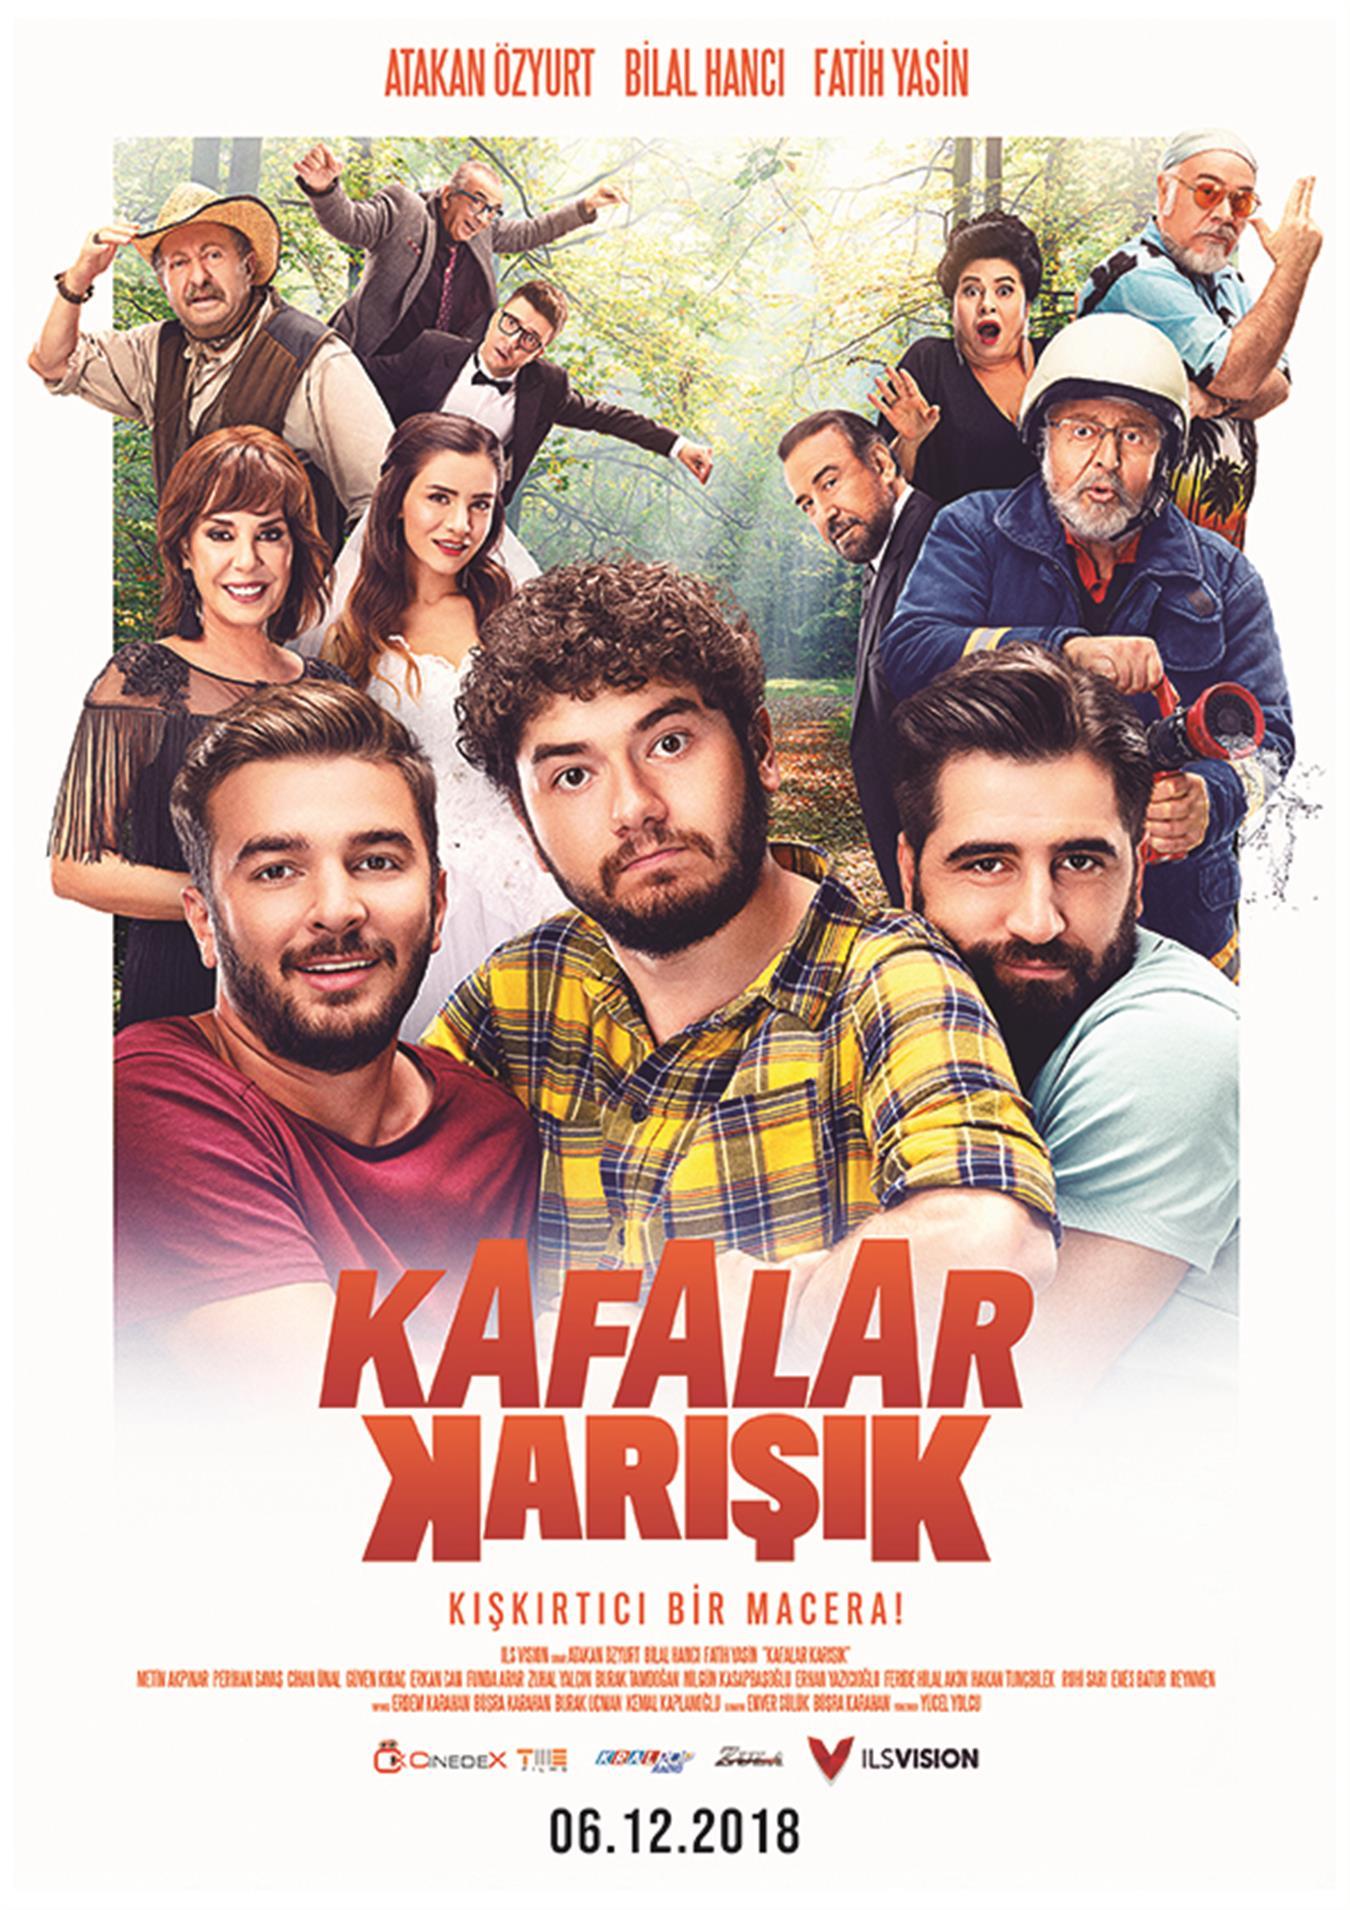 Kafalar Karisik